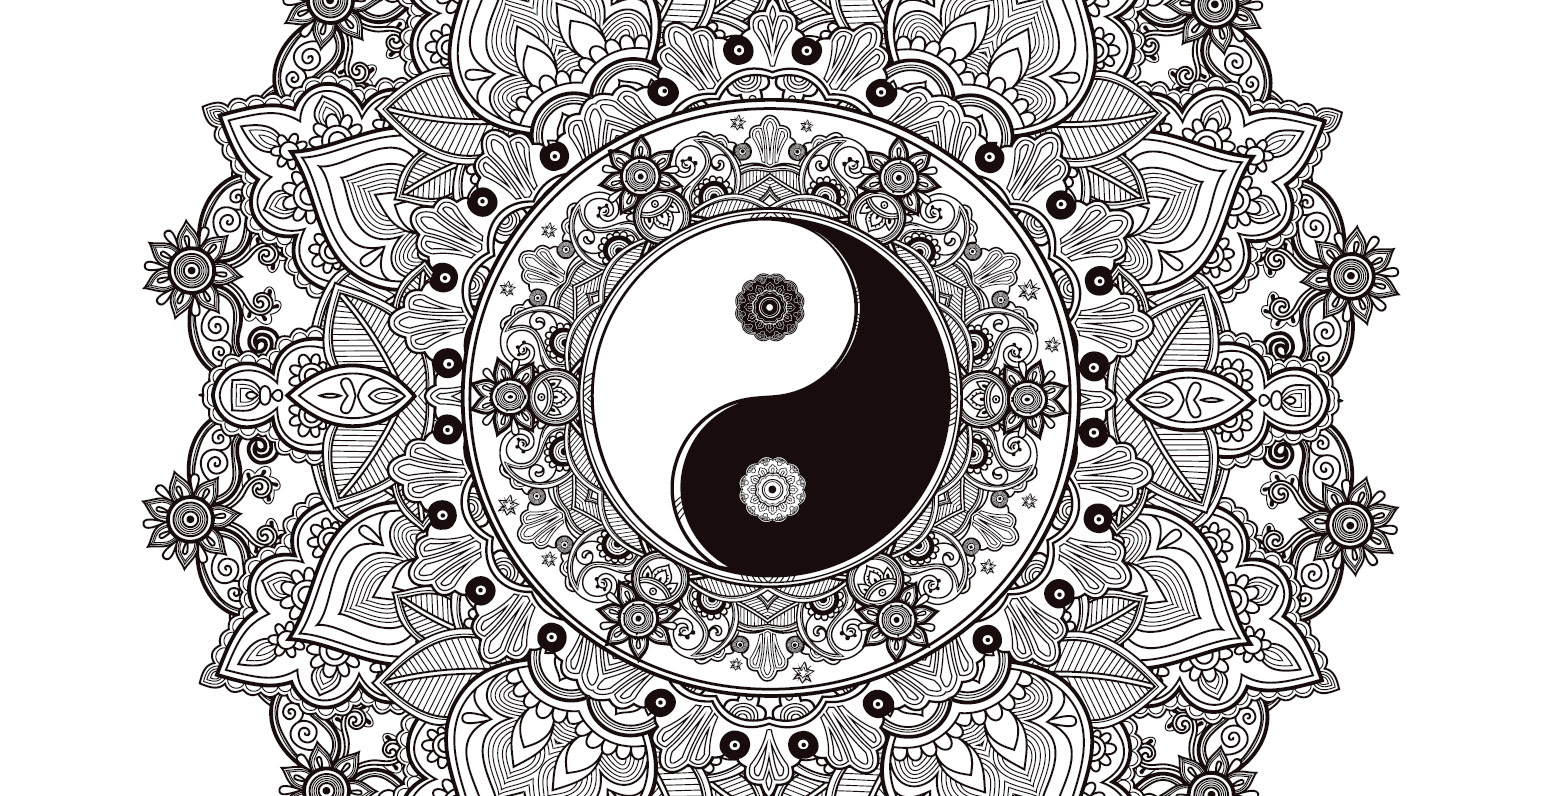 Coloriage gratuit, mandala zen, yin yang - Artherapie.ca